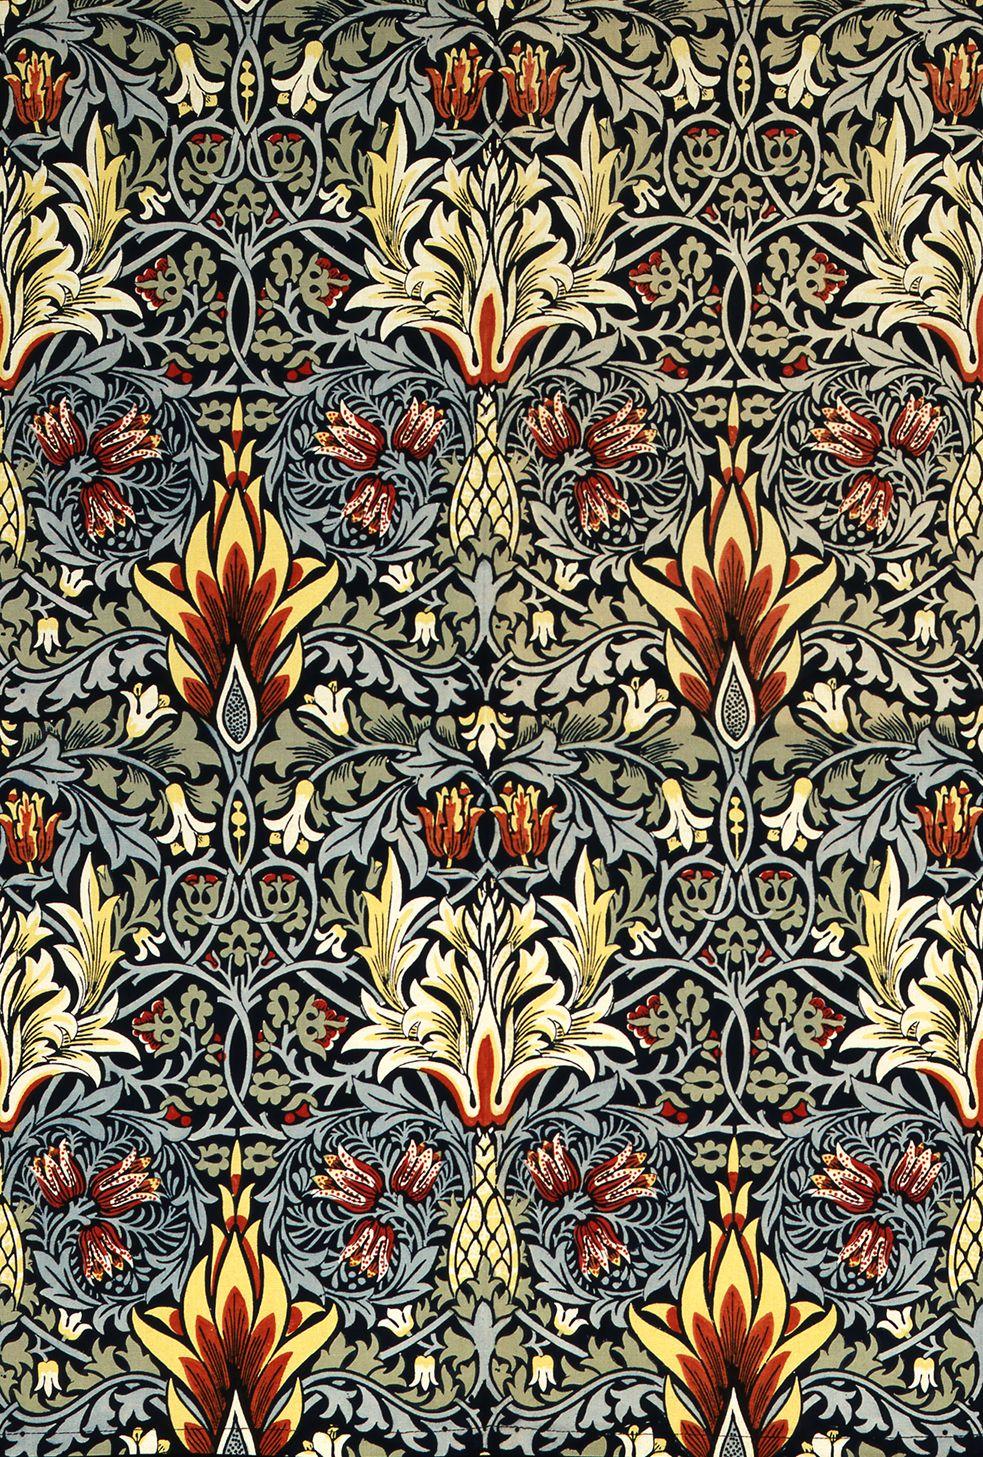 William Morris Floral Pattern. William morris patterns